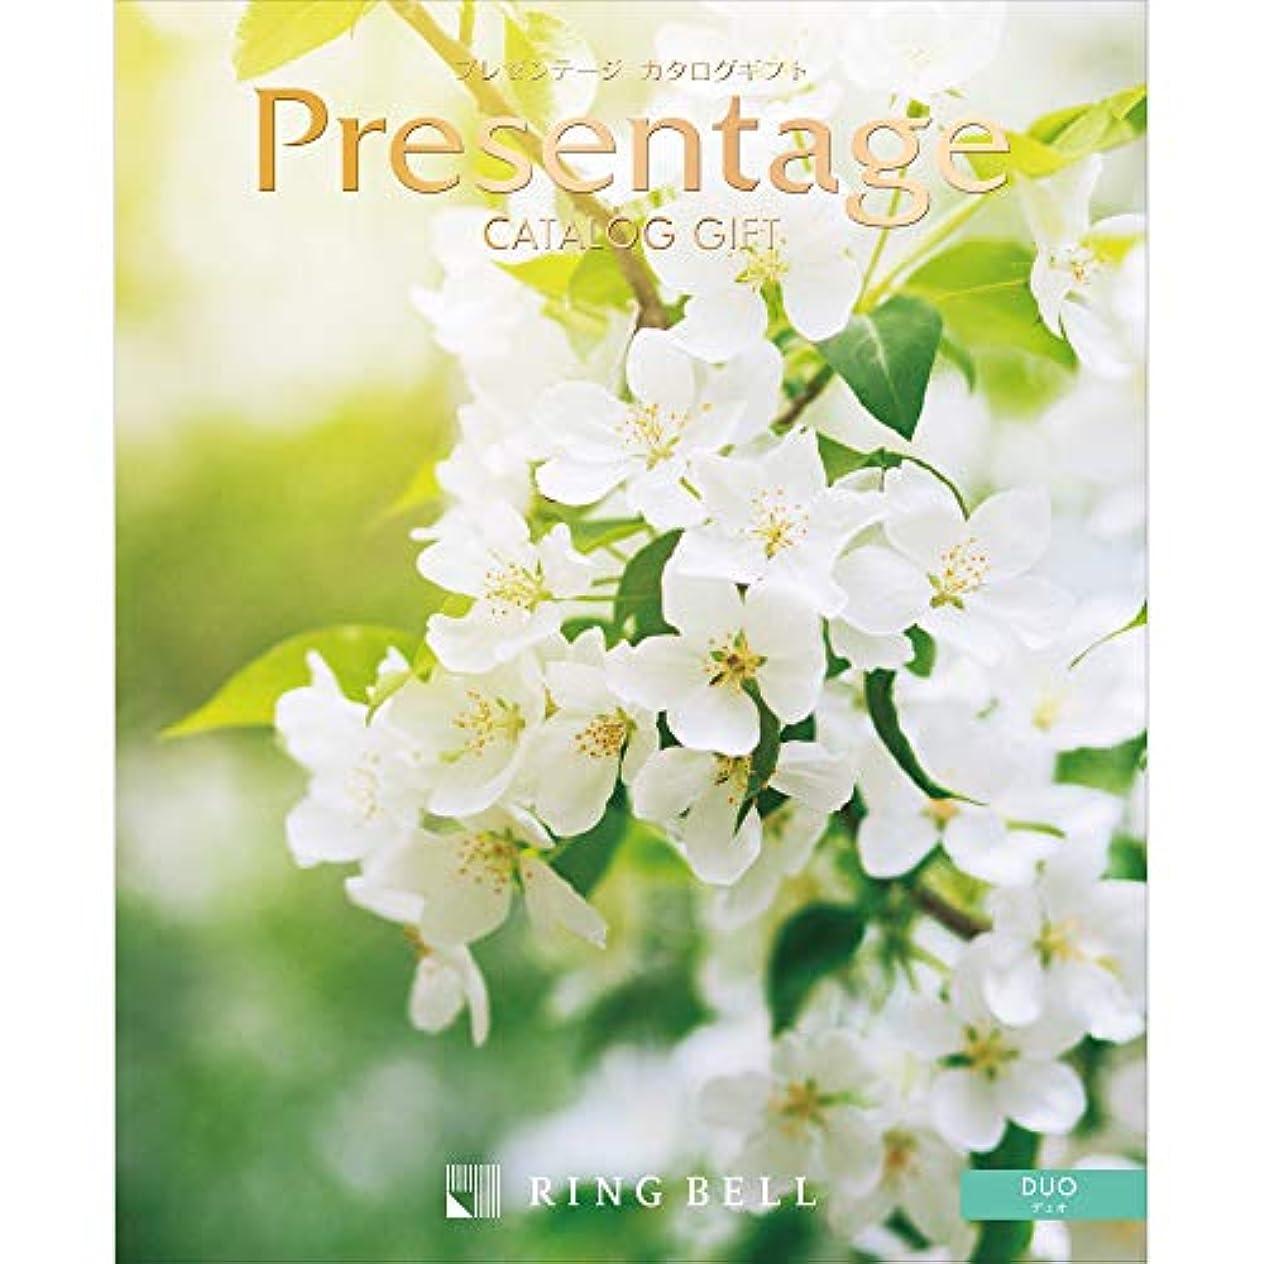 広いキャッシュ速報リンベル カタログギフト Presentage (プレゼンテージ) デュオ 包装紙:グランロゼ